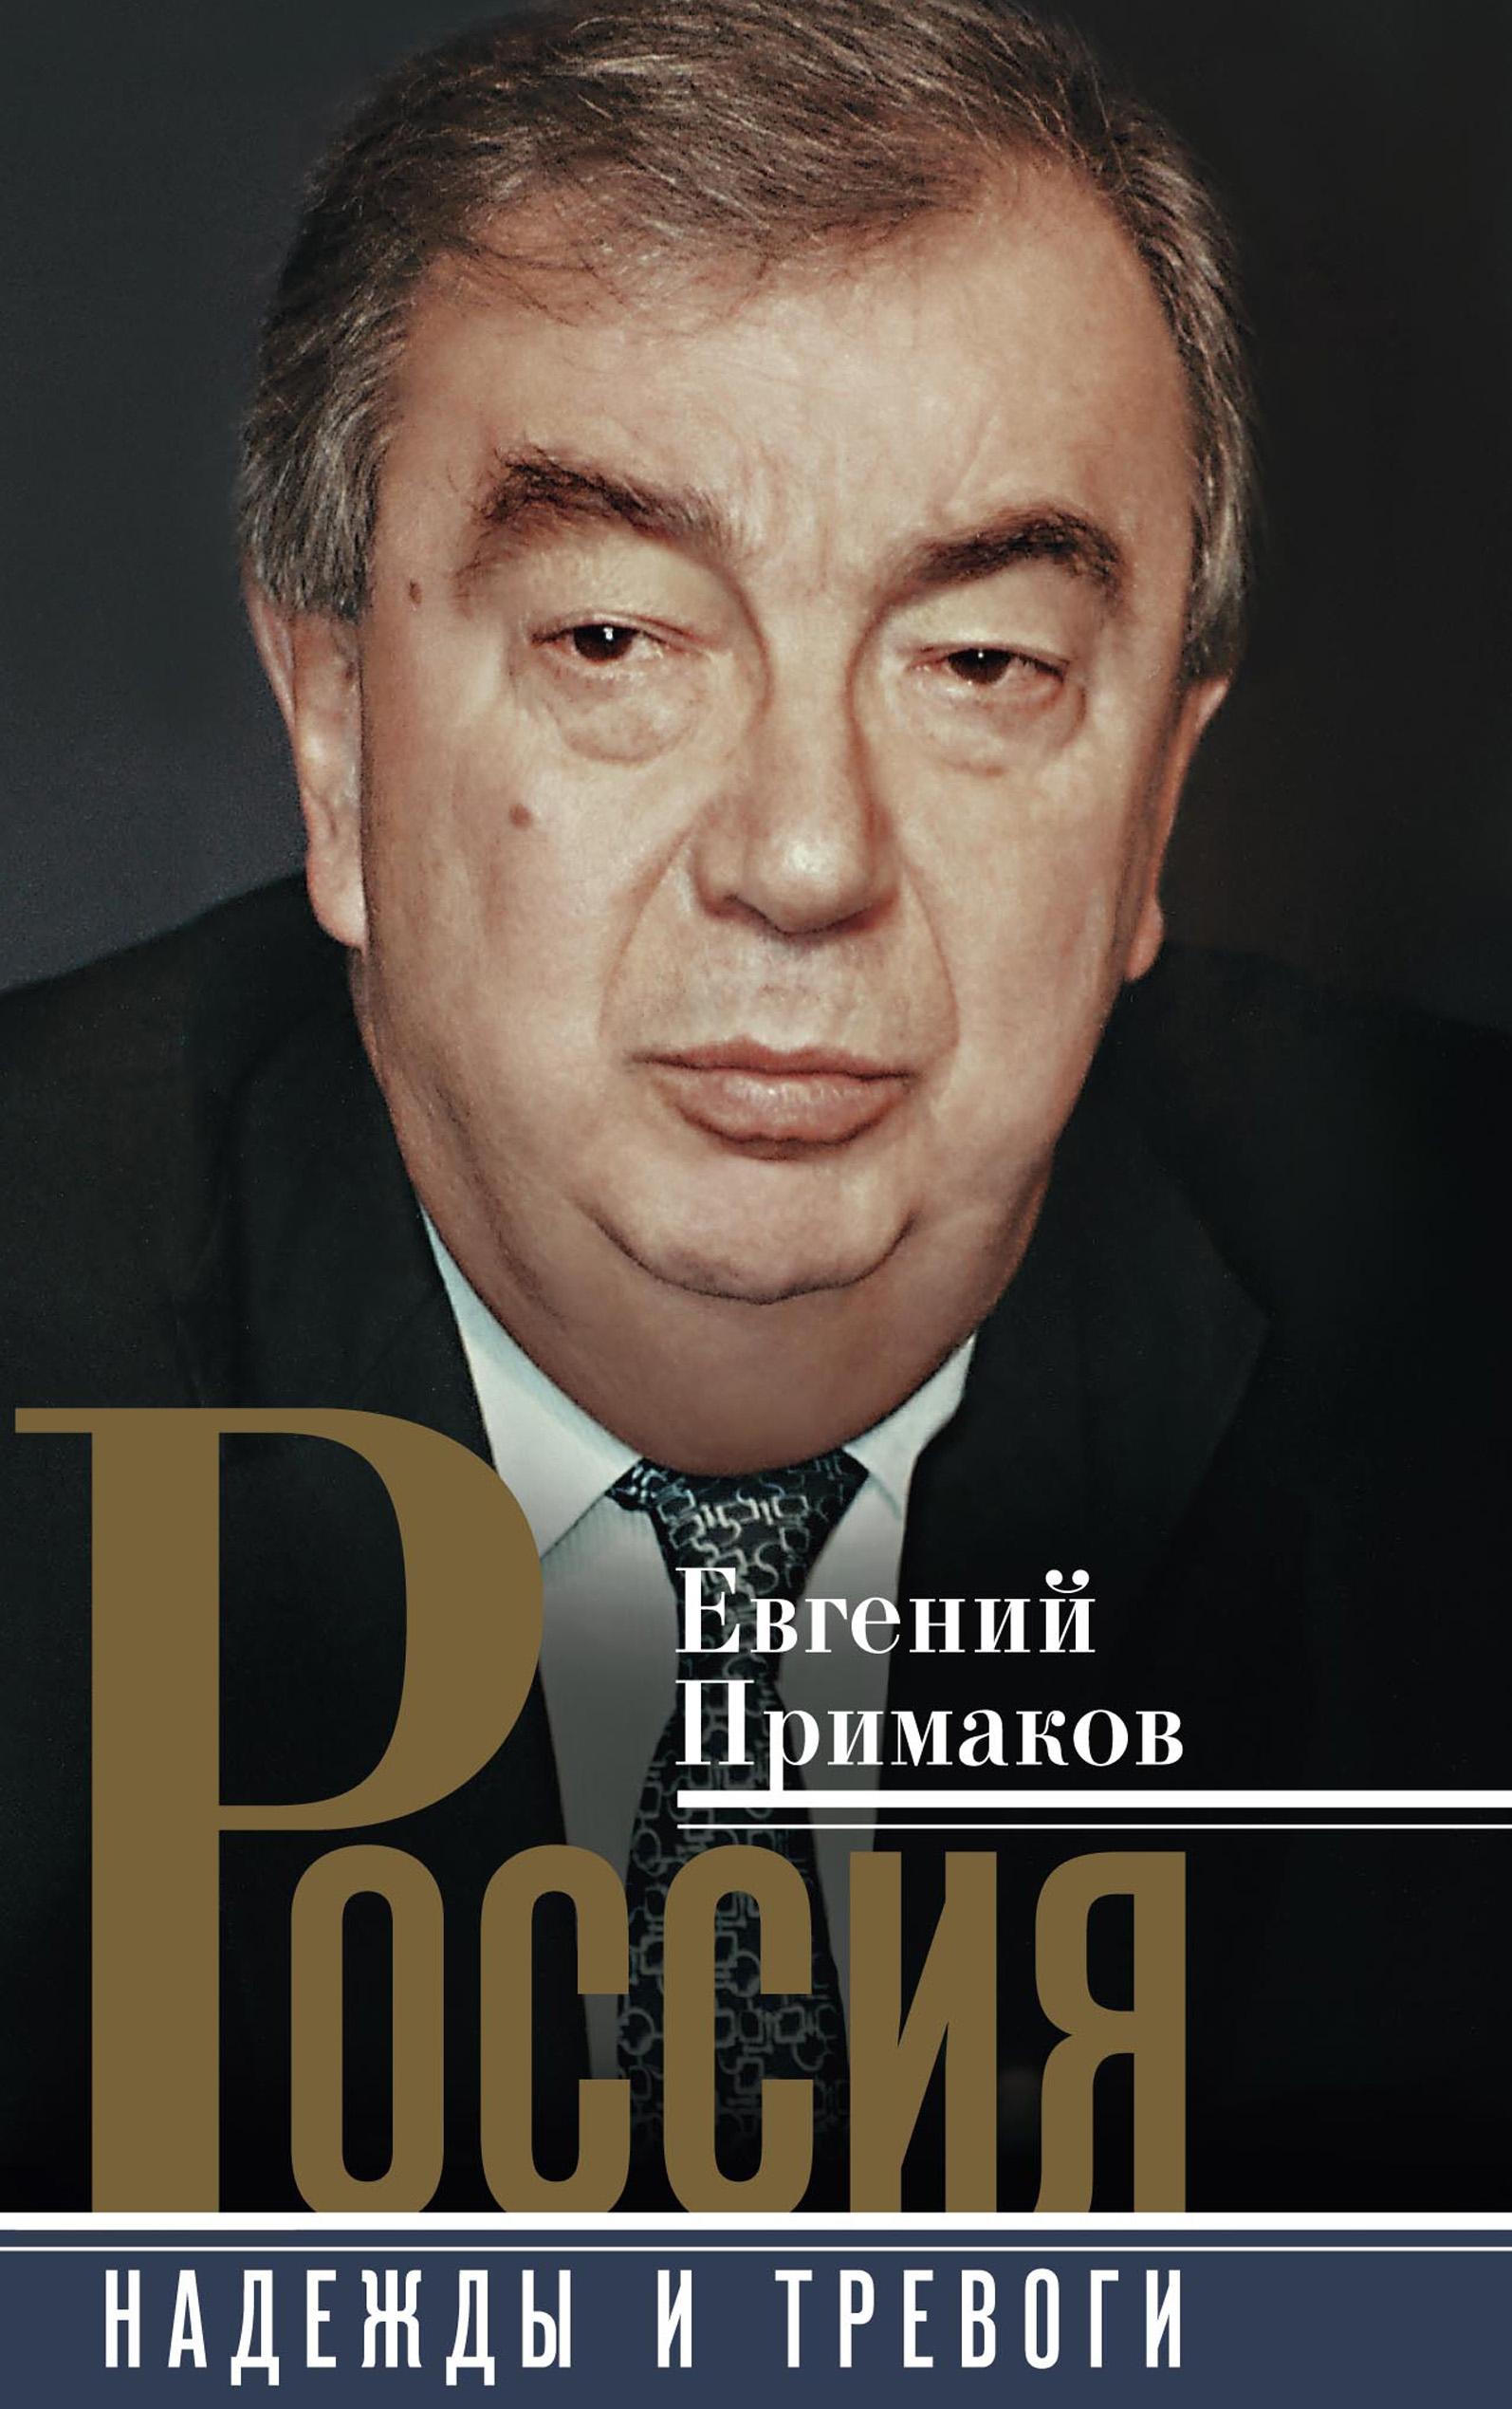 Евгений Примаков Россия. Надежды и тревоги цена